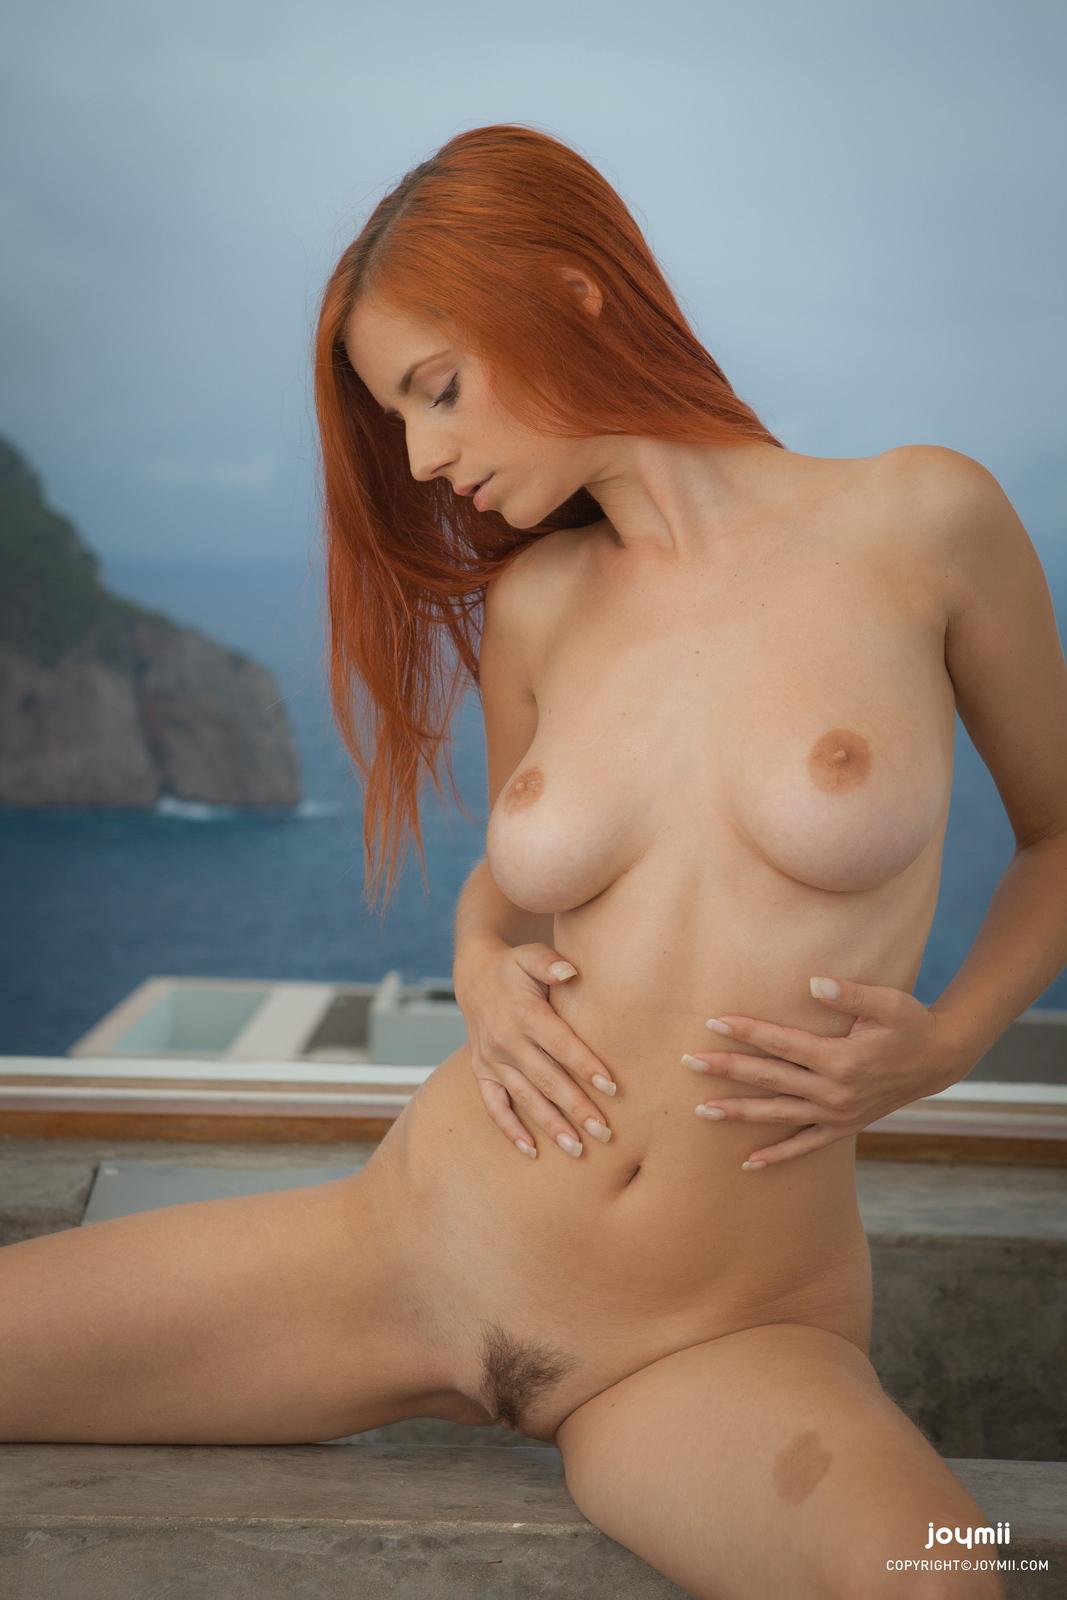 ariel-redhead-bathroom-naked-boobs-joymii-04